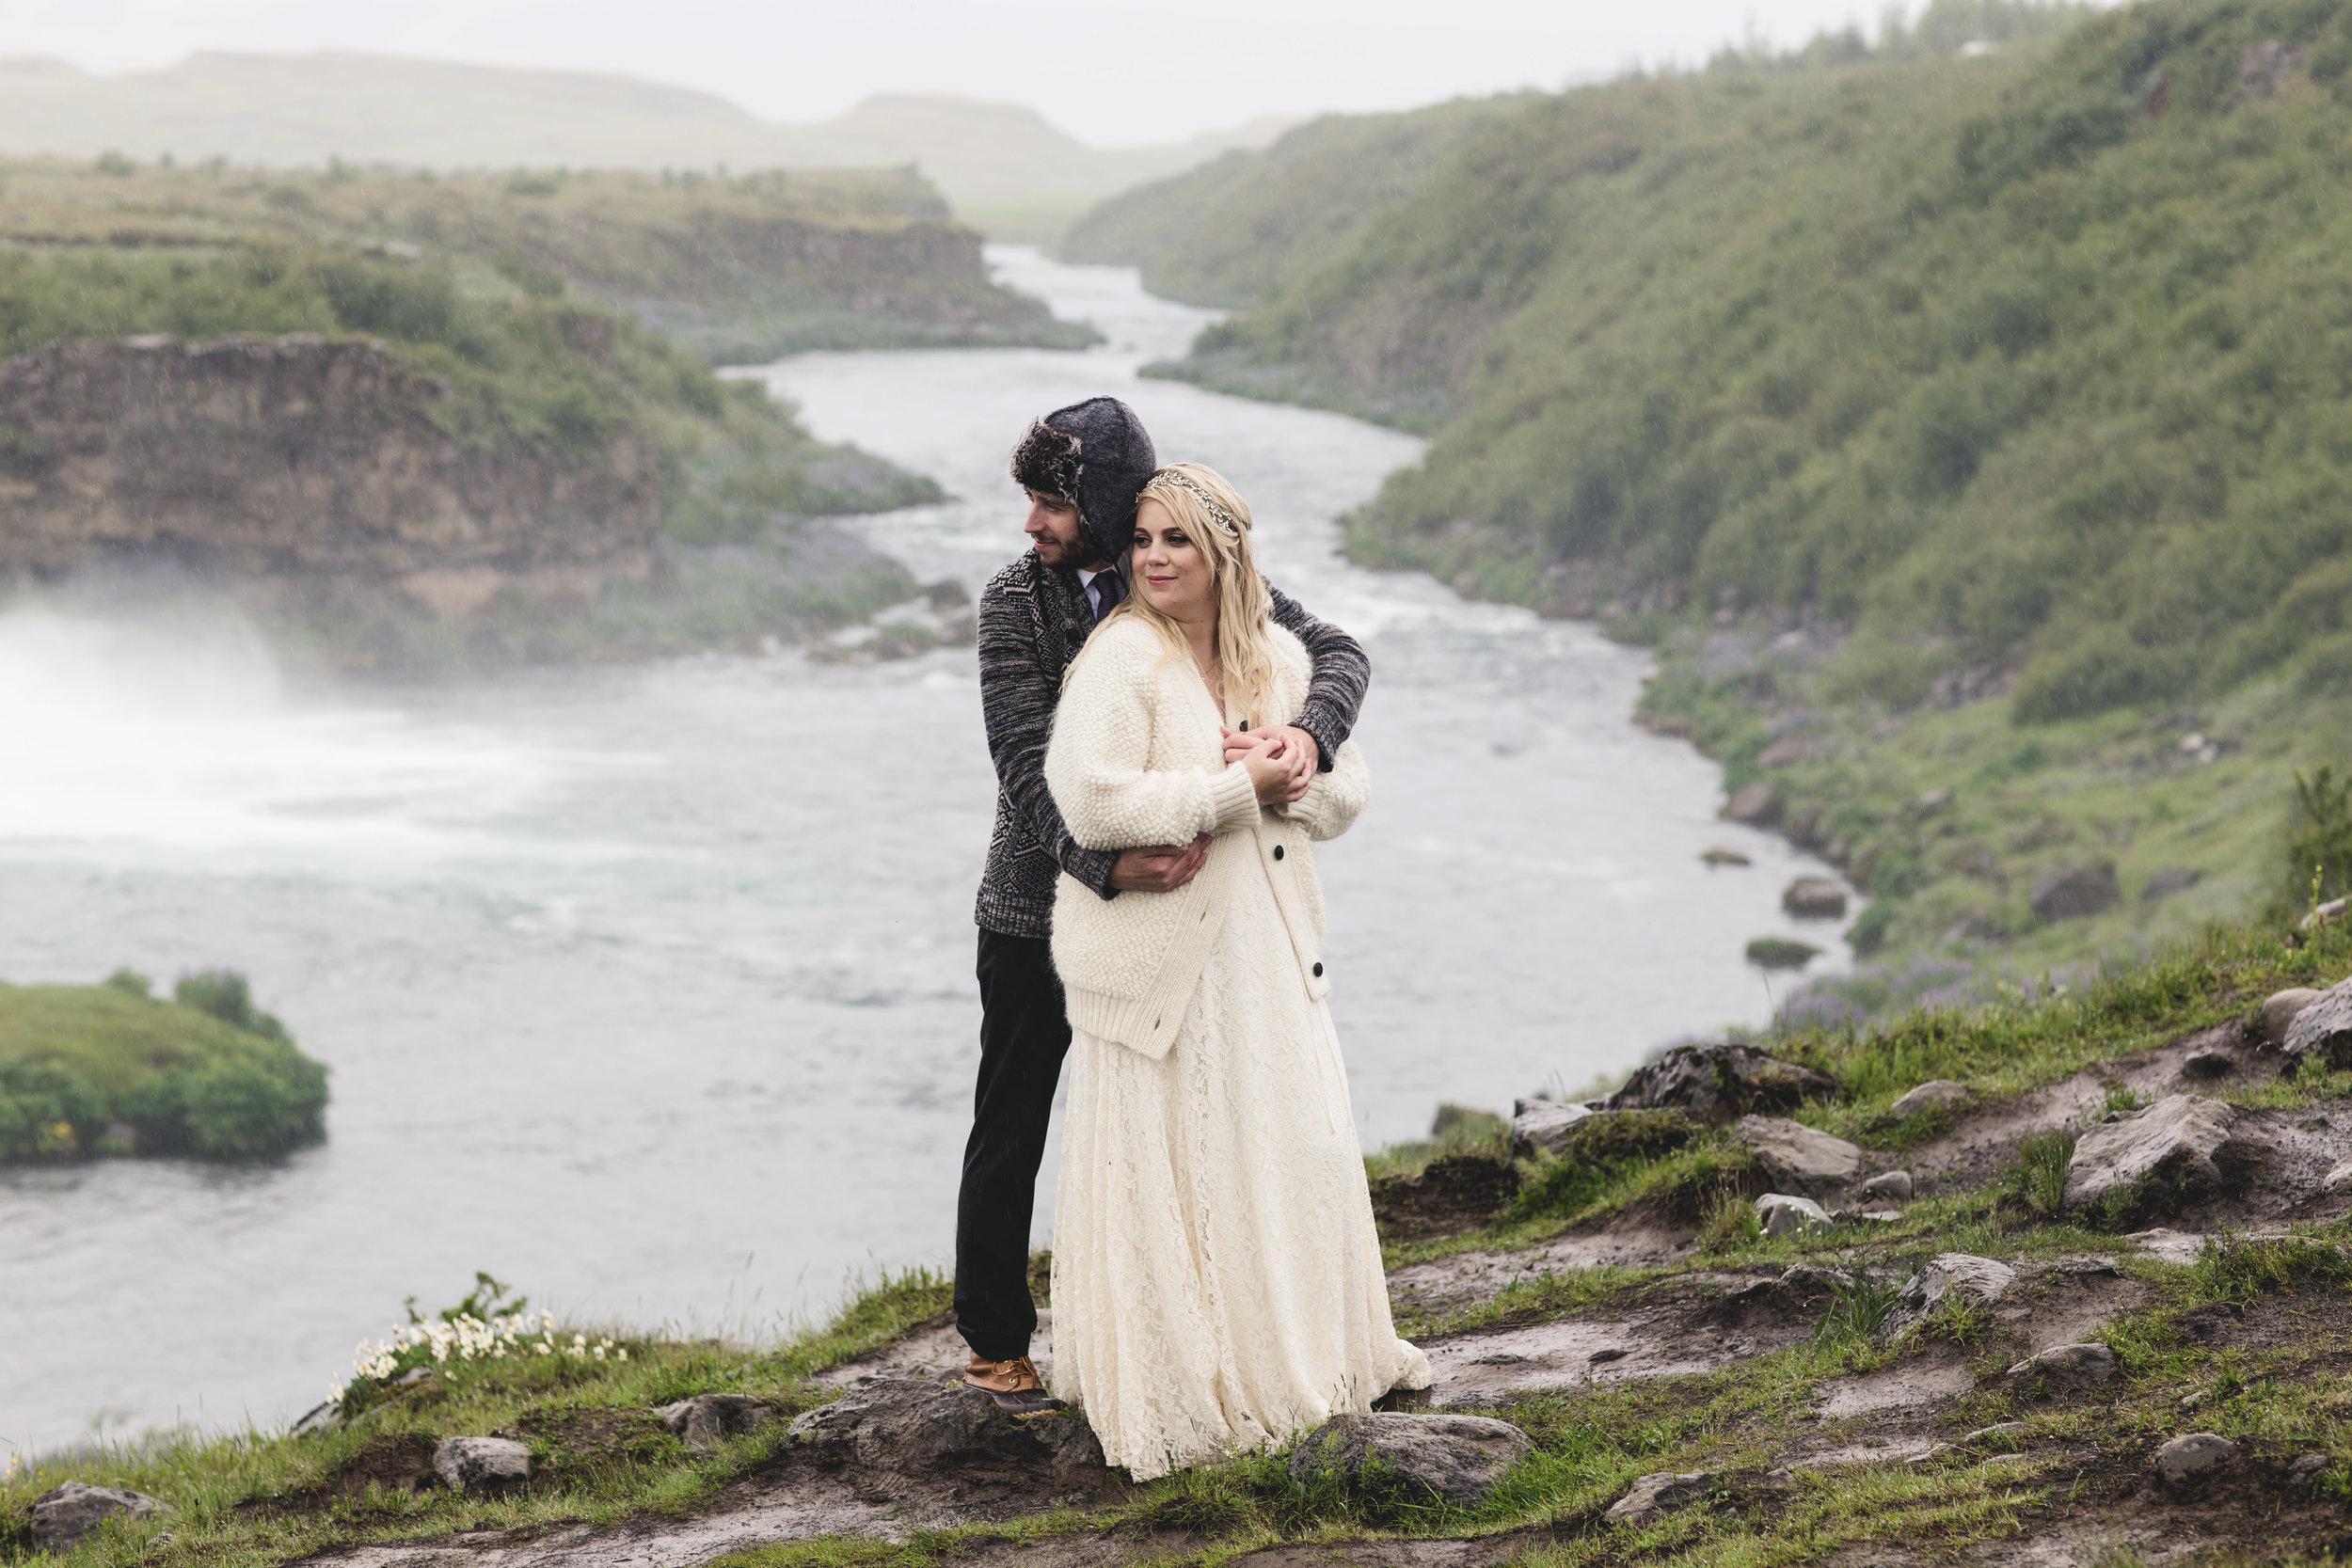 LisaDiederichPhotography_IcelandWedding_Kelsey&Zack-23.jpg